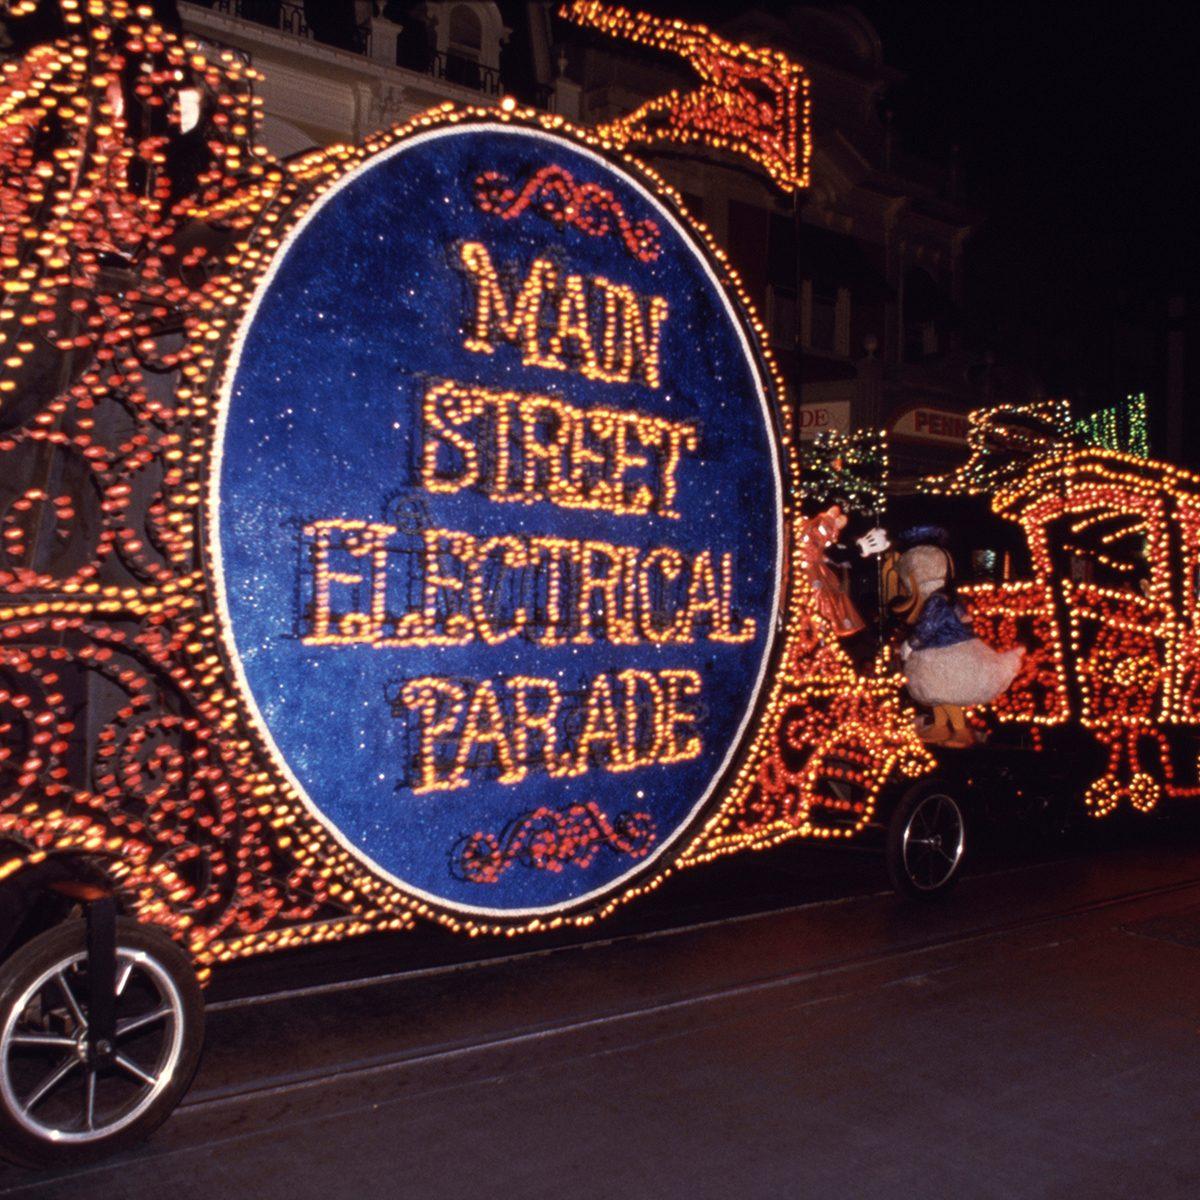 Walt Disney World Resort à Lake Buena Vista, Floride le 4 octobre 1986, Etats-Unis. (Photo by Jean GUICHARD/Gamma-Rapho via Getty Images)